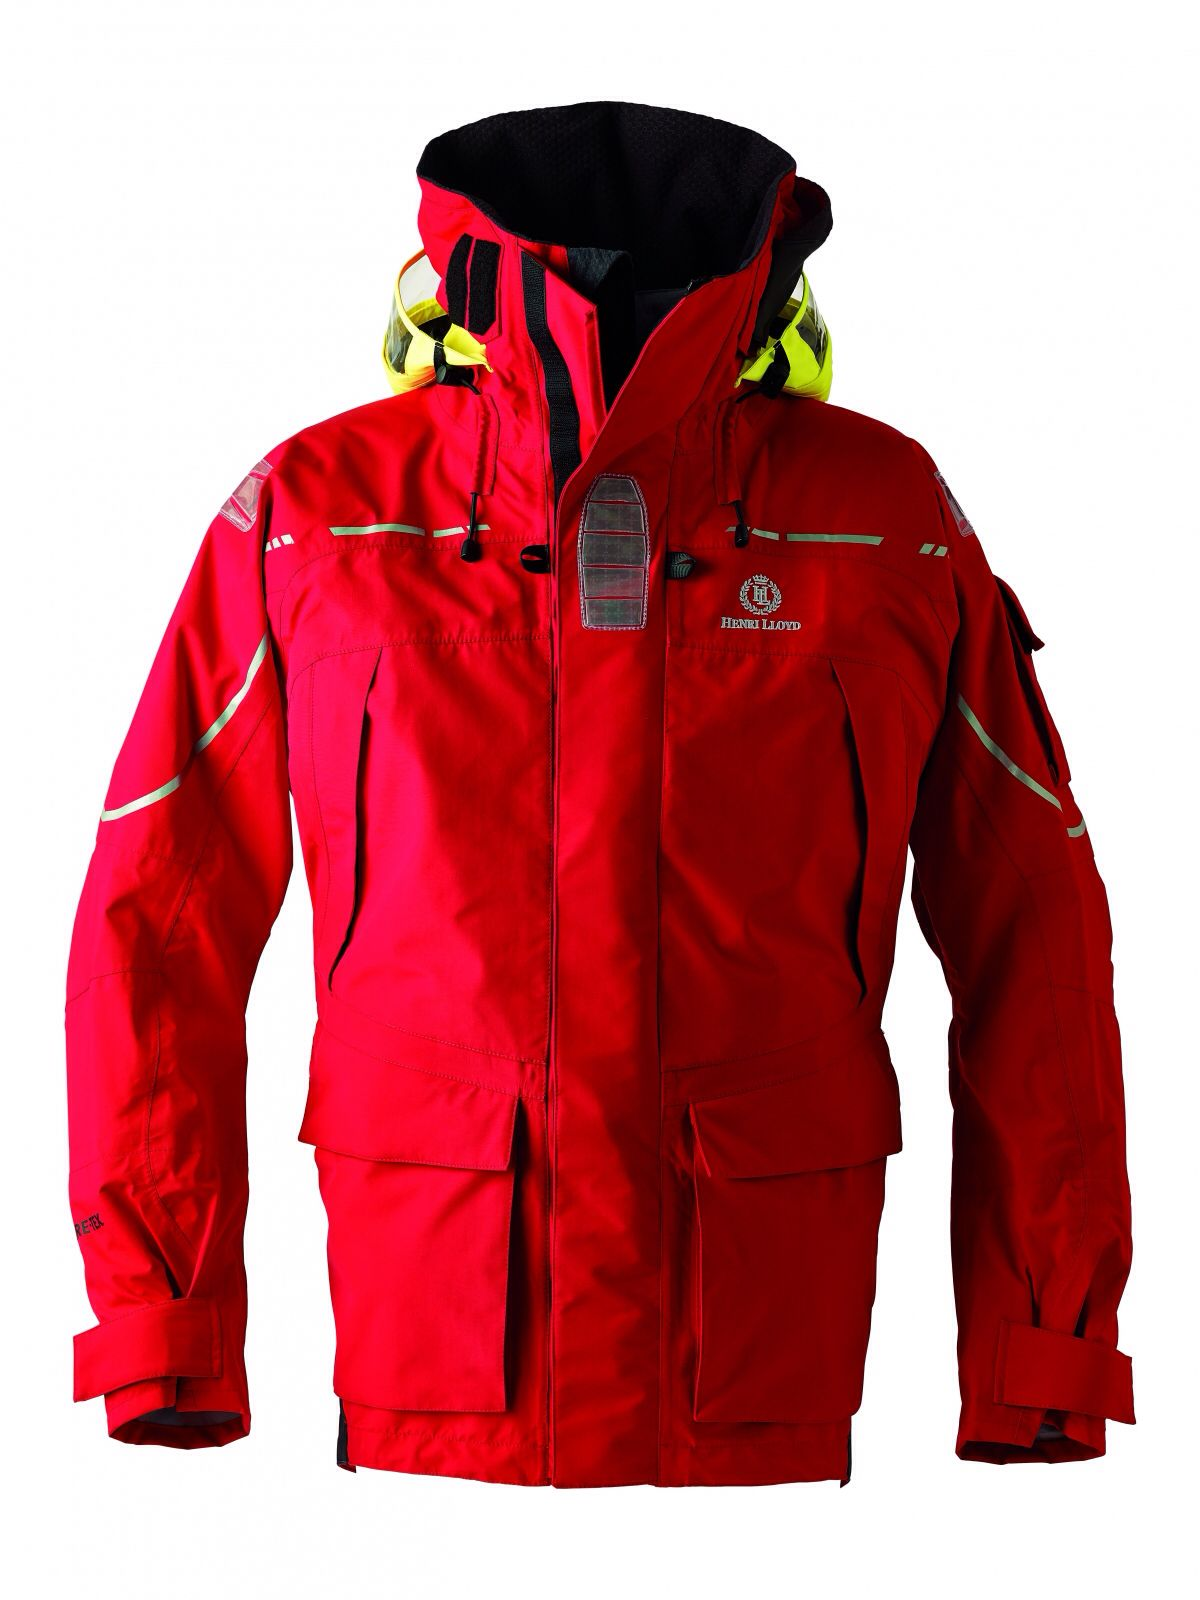 Henri Lloyd offshore elite jacket! Jackets, Storm